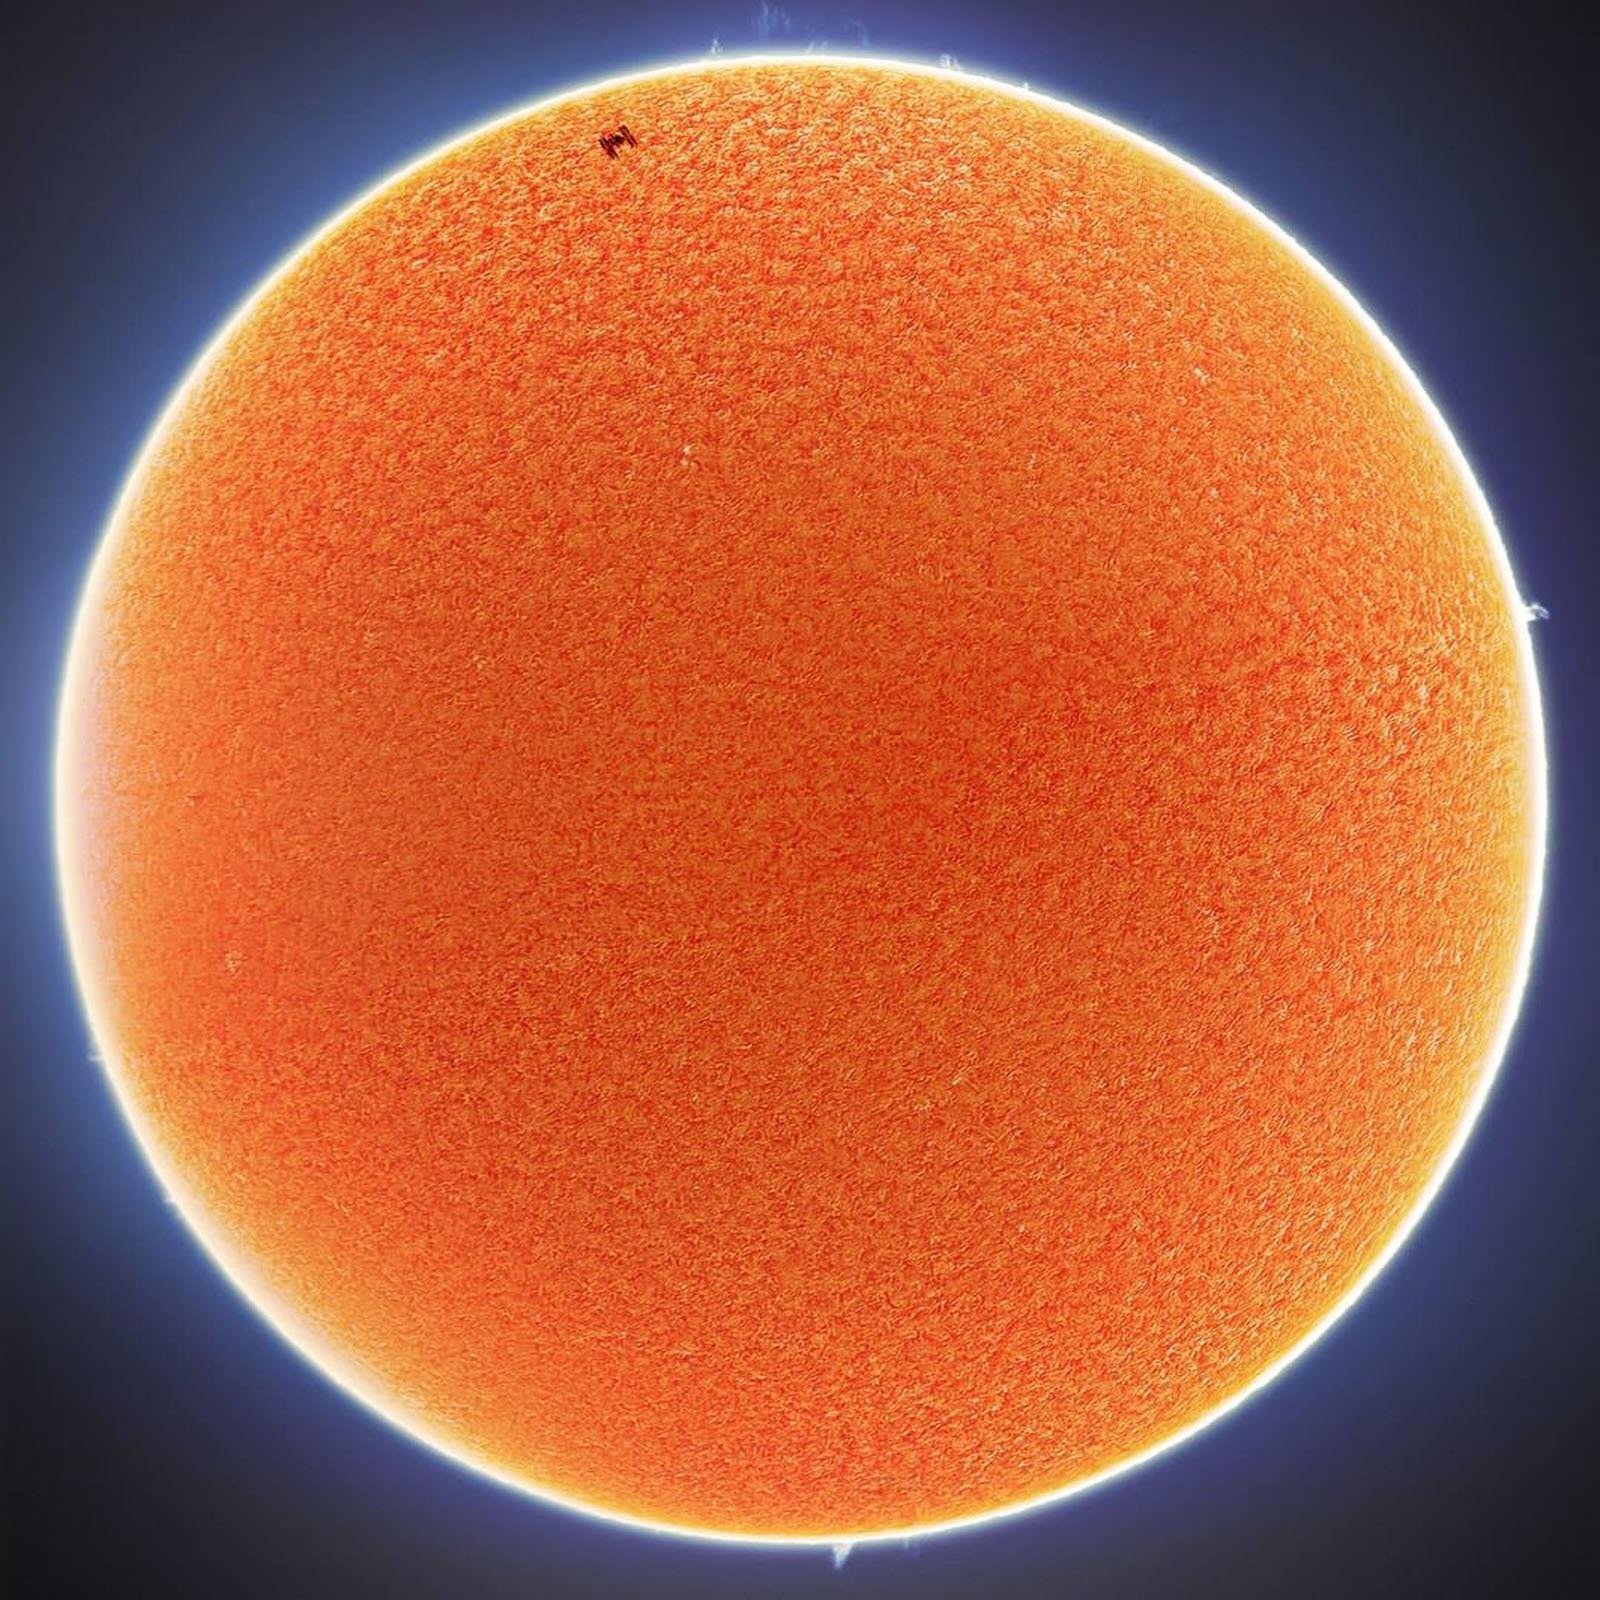 摄影师在他家后院抓拍到了国际空间站与太阳和月亮交错而过的照片插图1